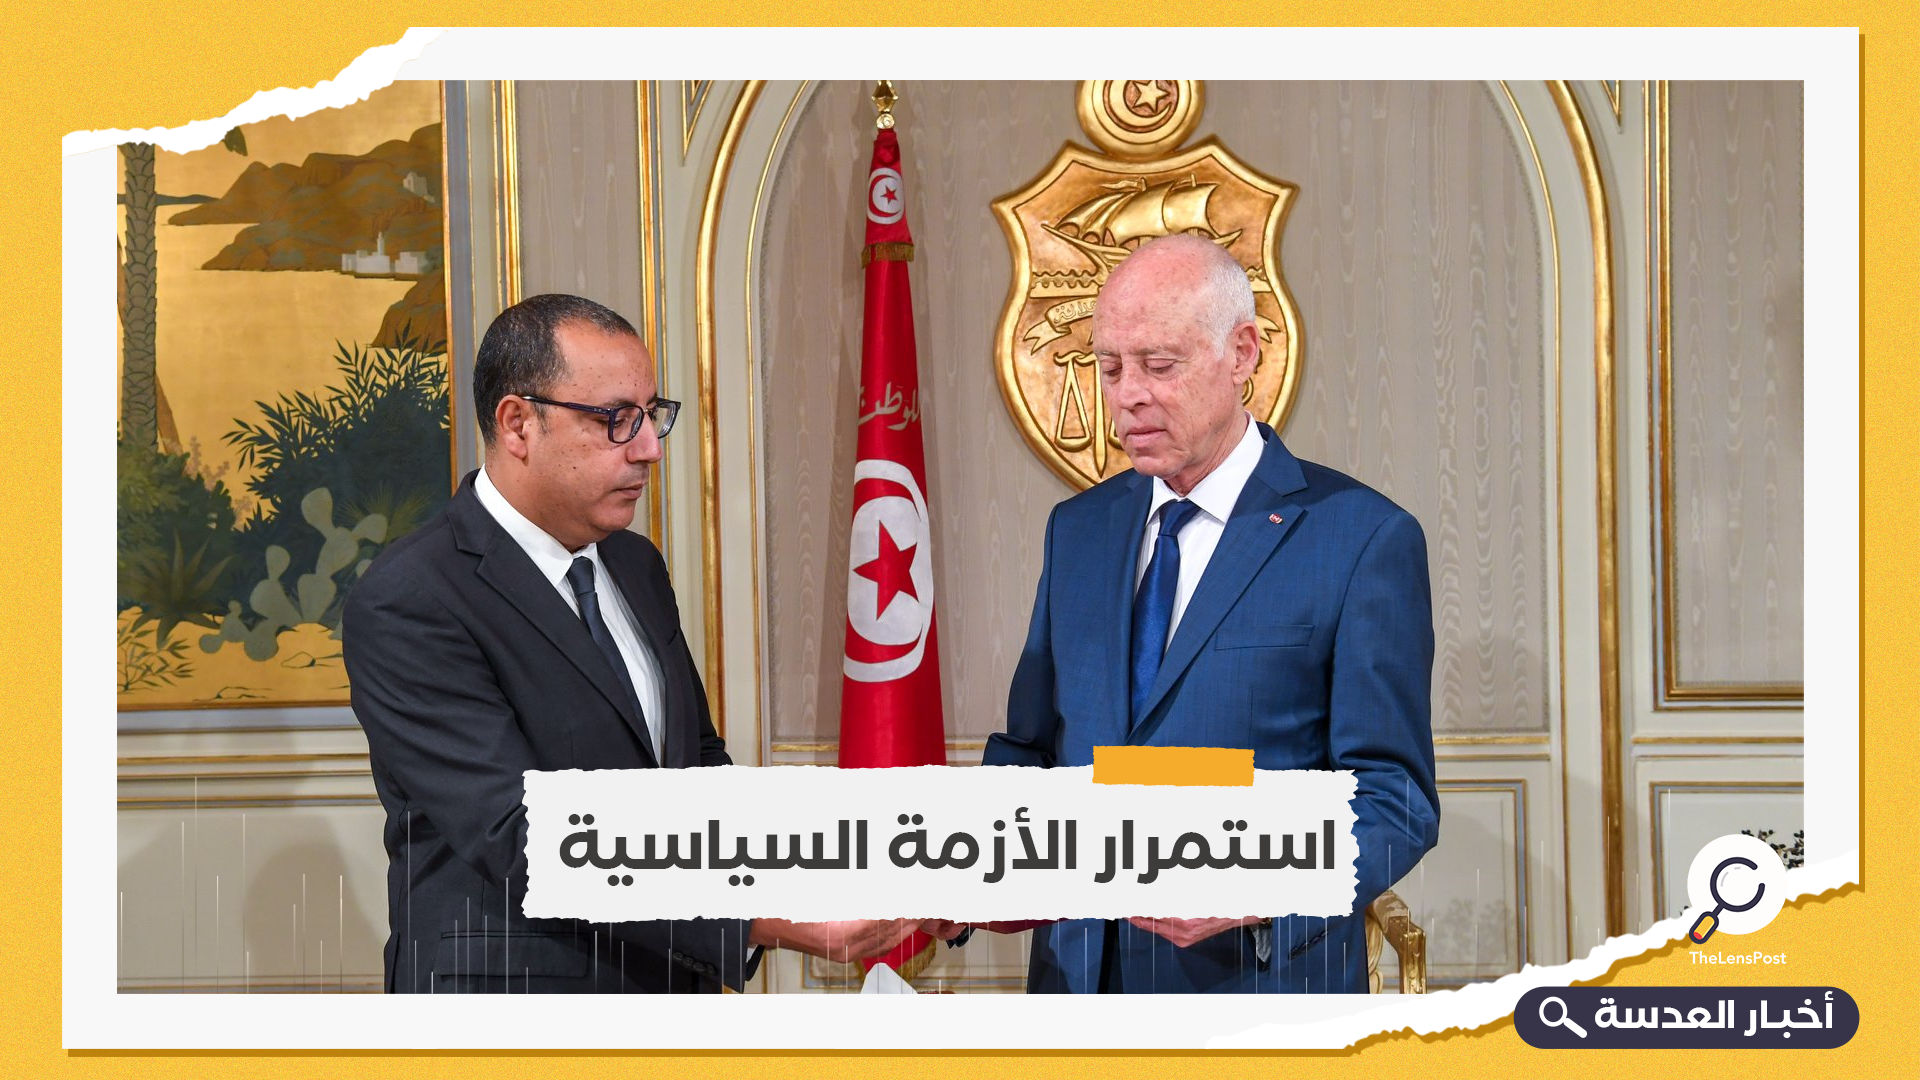 تونس.. الرئيس يهاجم المشيشي ويرفض التعديل الوزارى الأخير